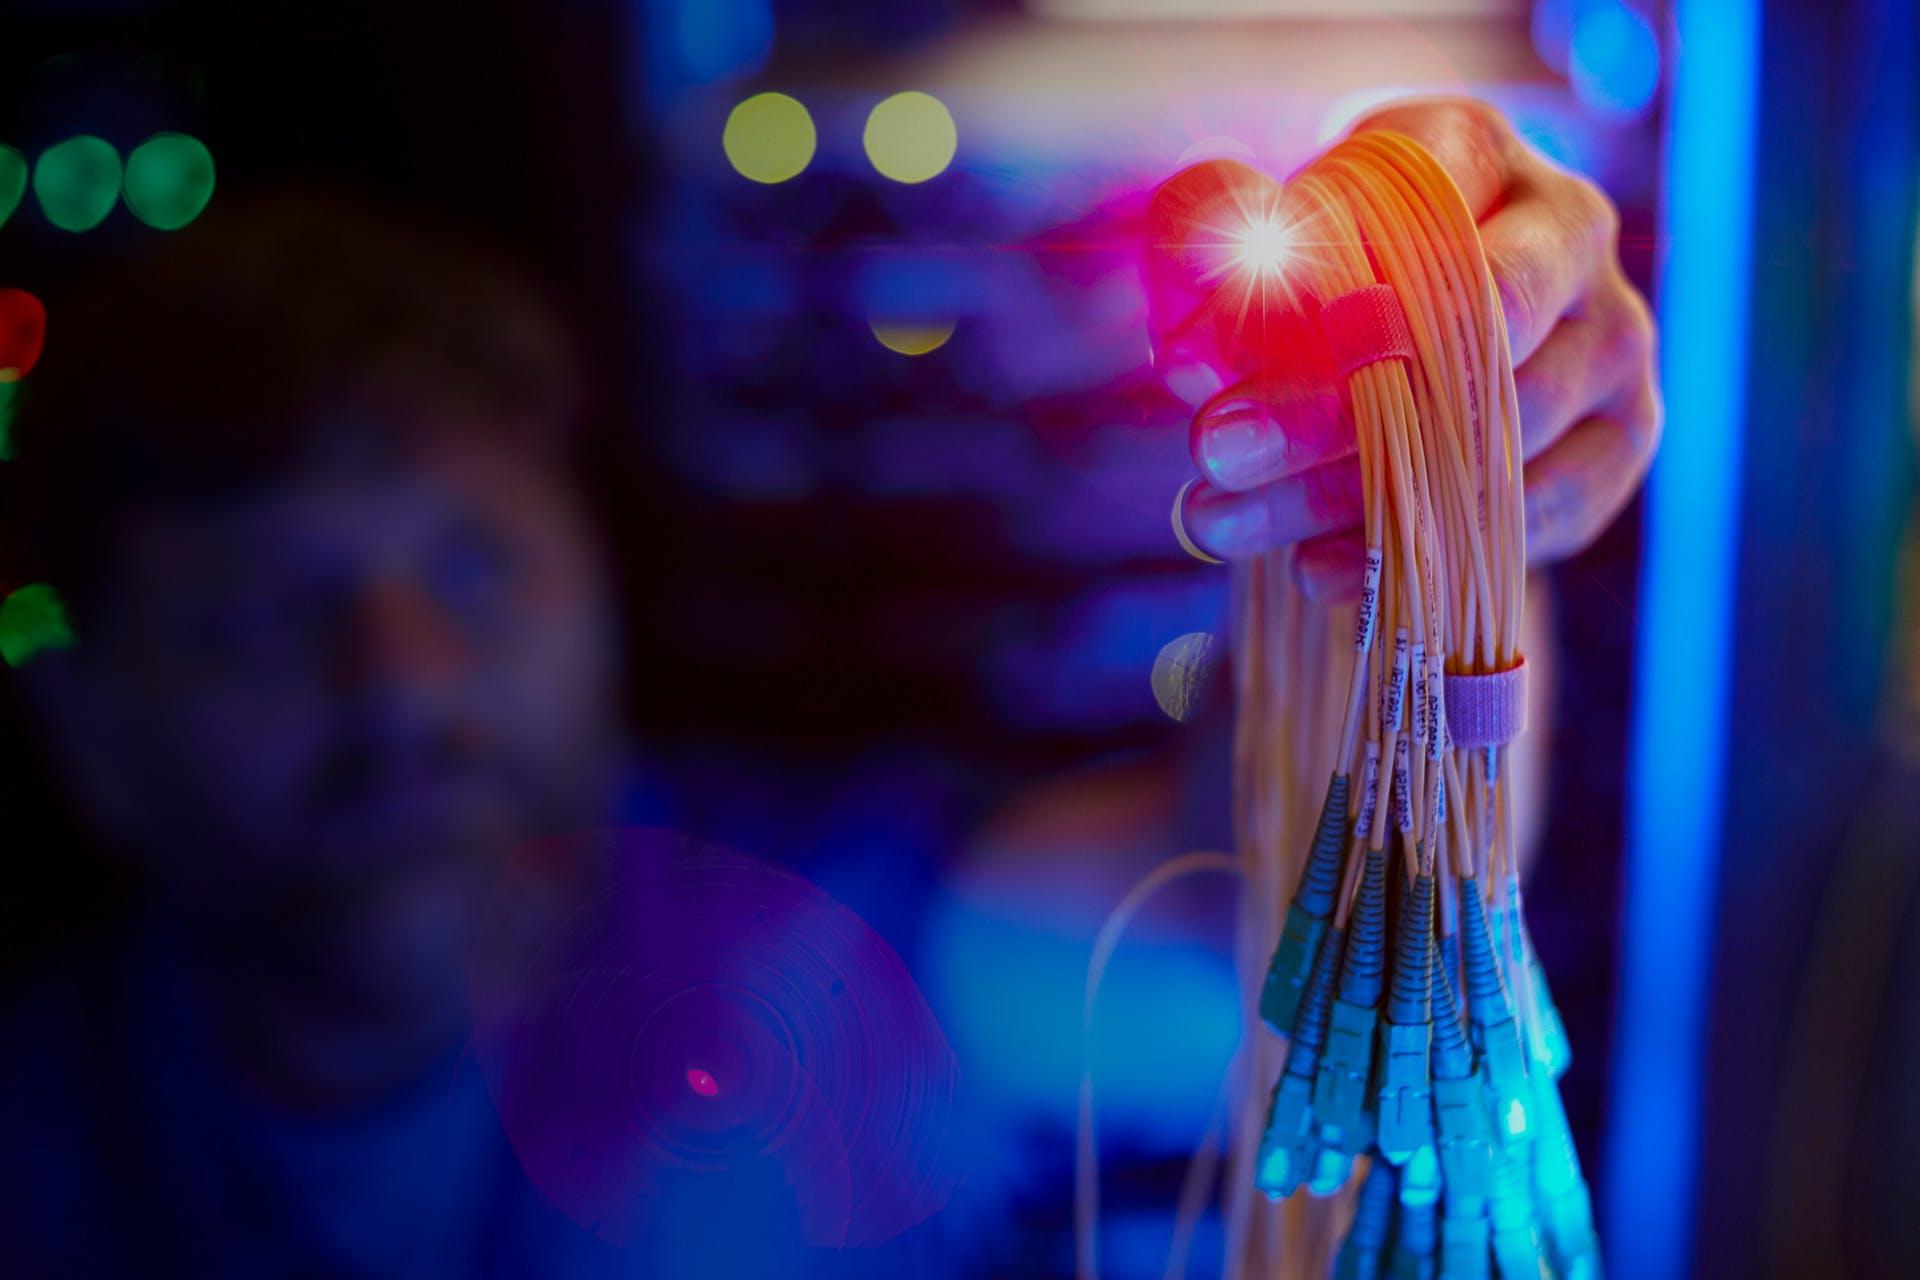 large-fiber-wires.jpg